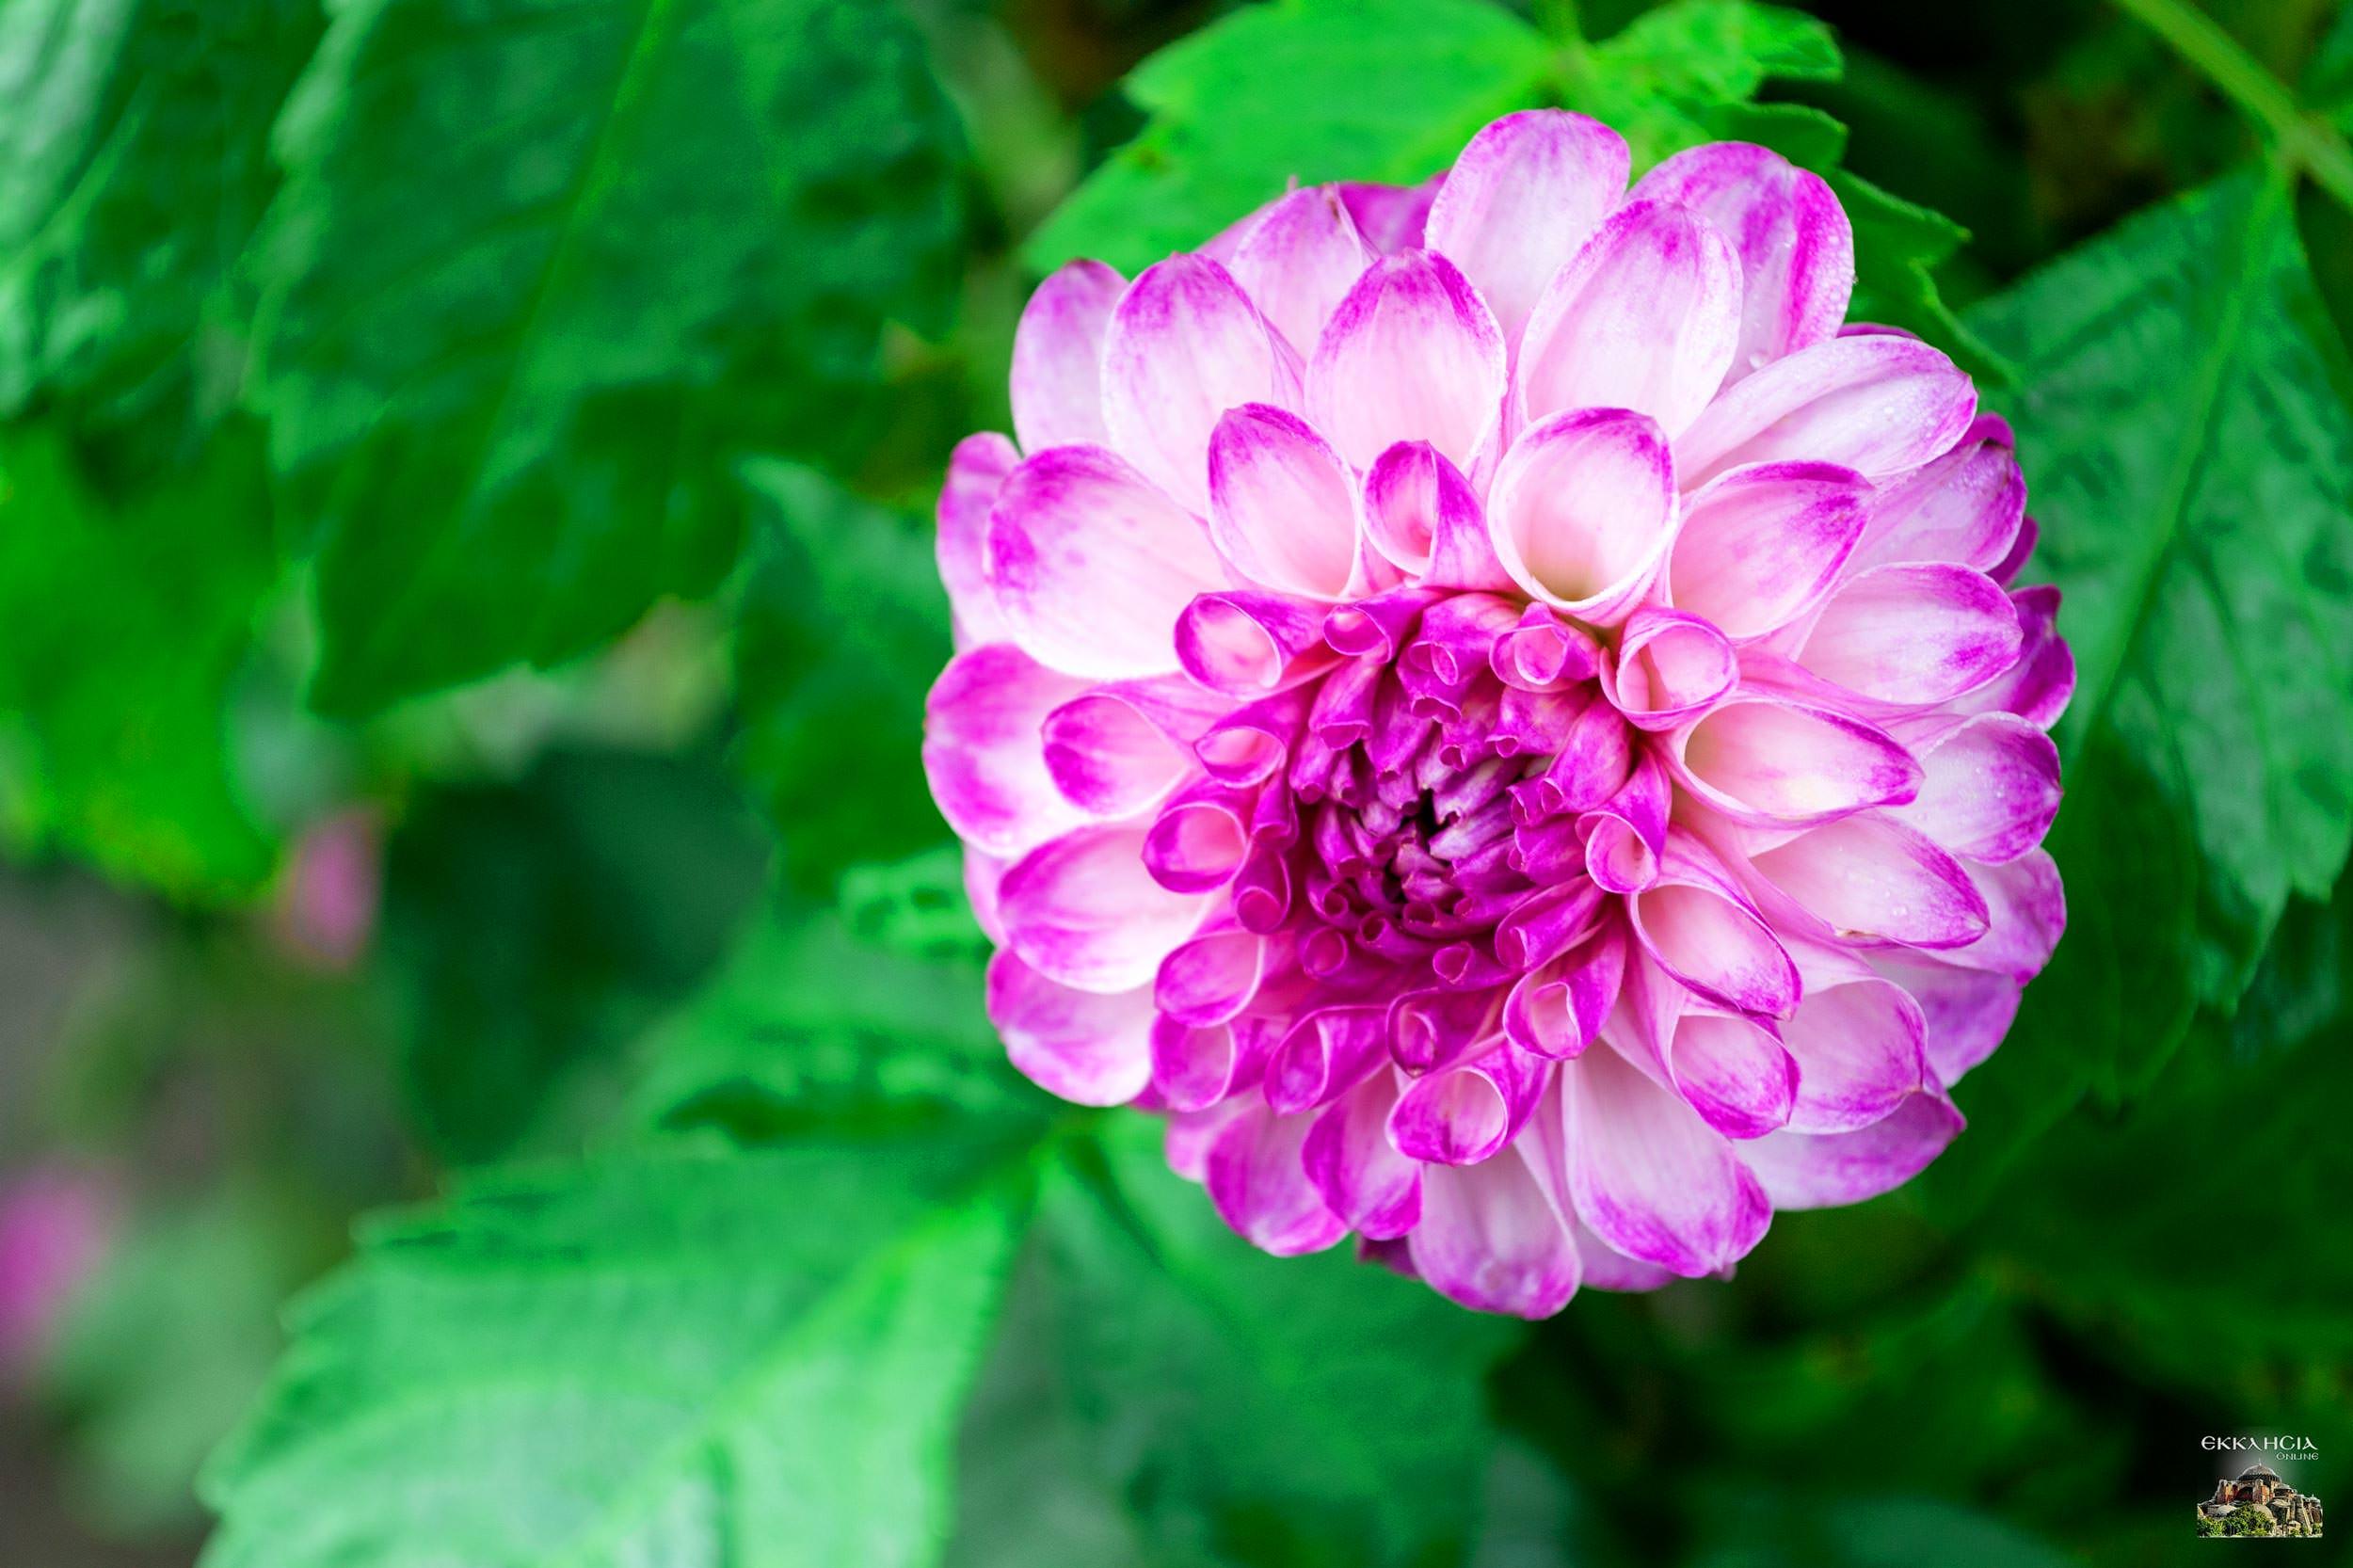 Γιορτή σήμερα λουλούδι